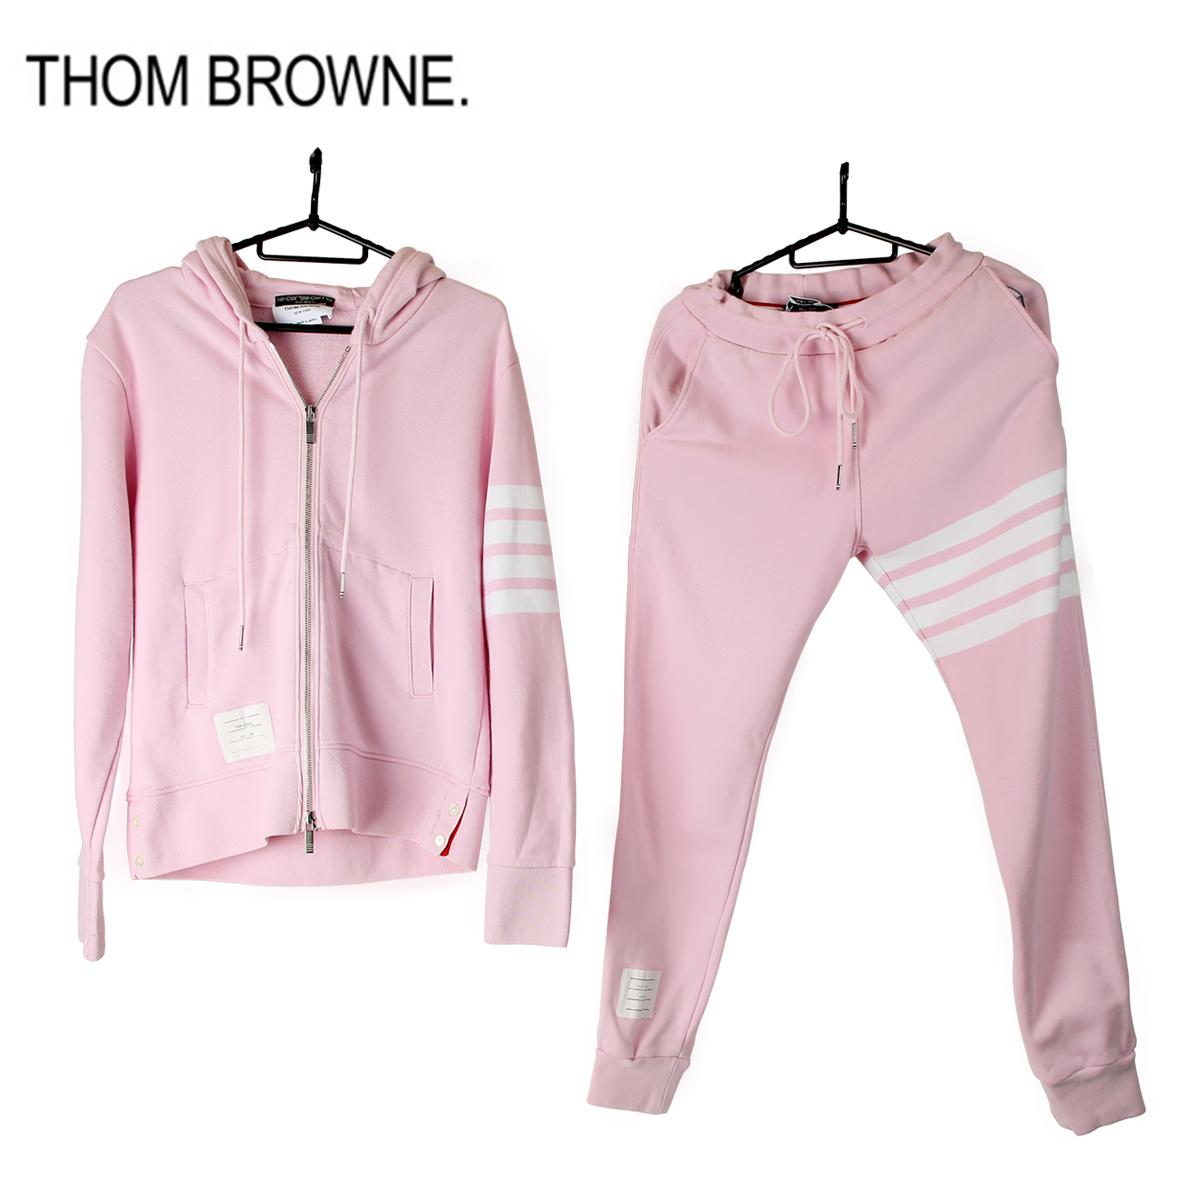 【美品】Thom Browne トムブラウン トップス セットアップパーカー コットン ピンク 中古